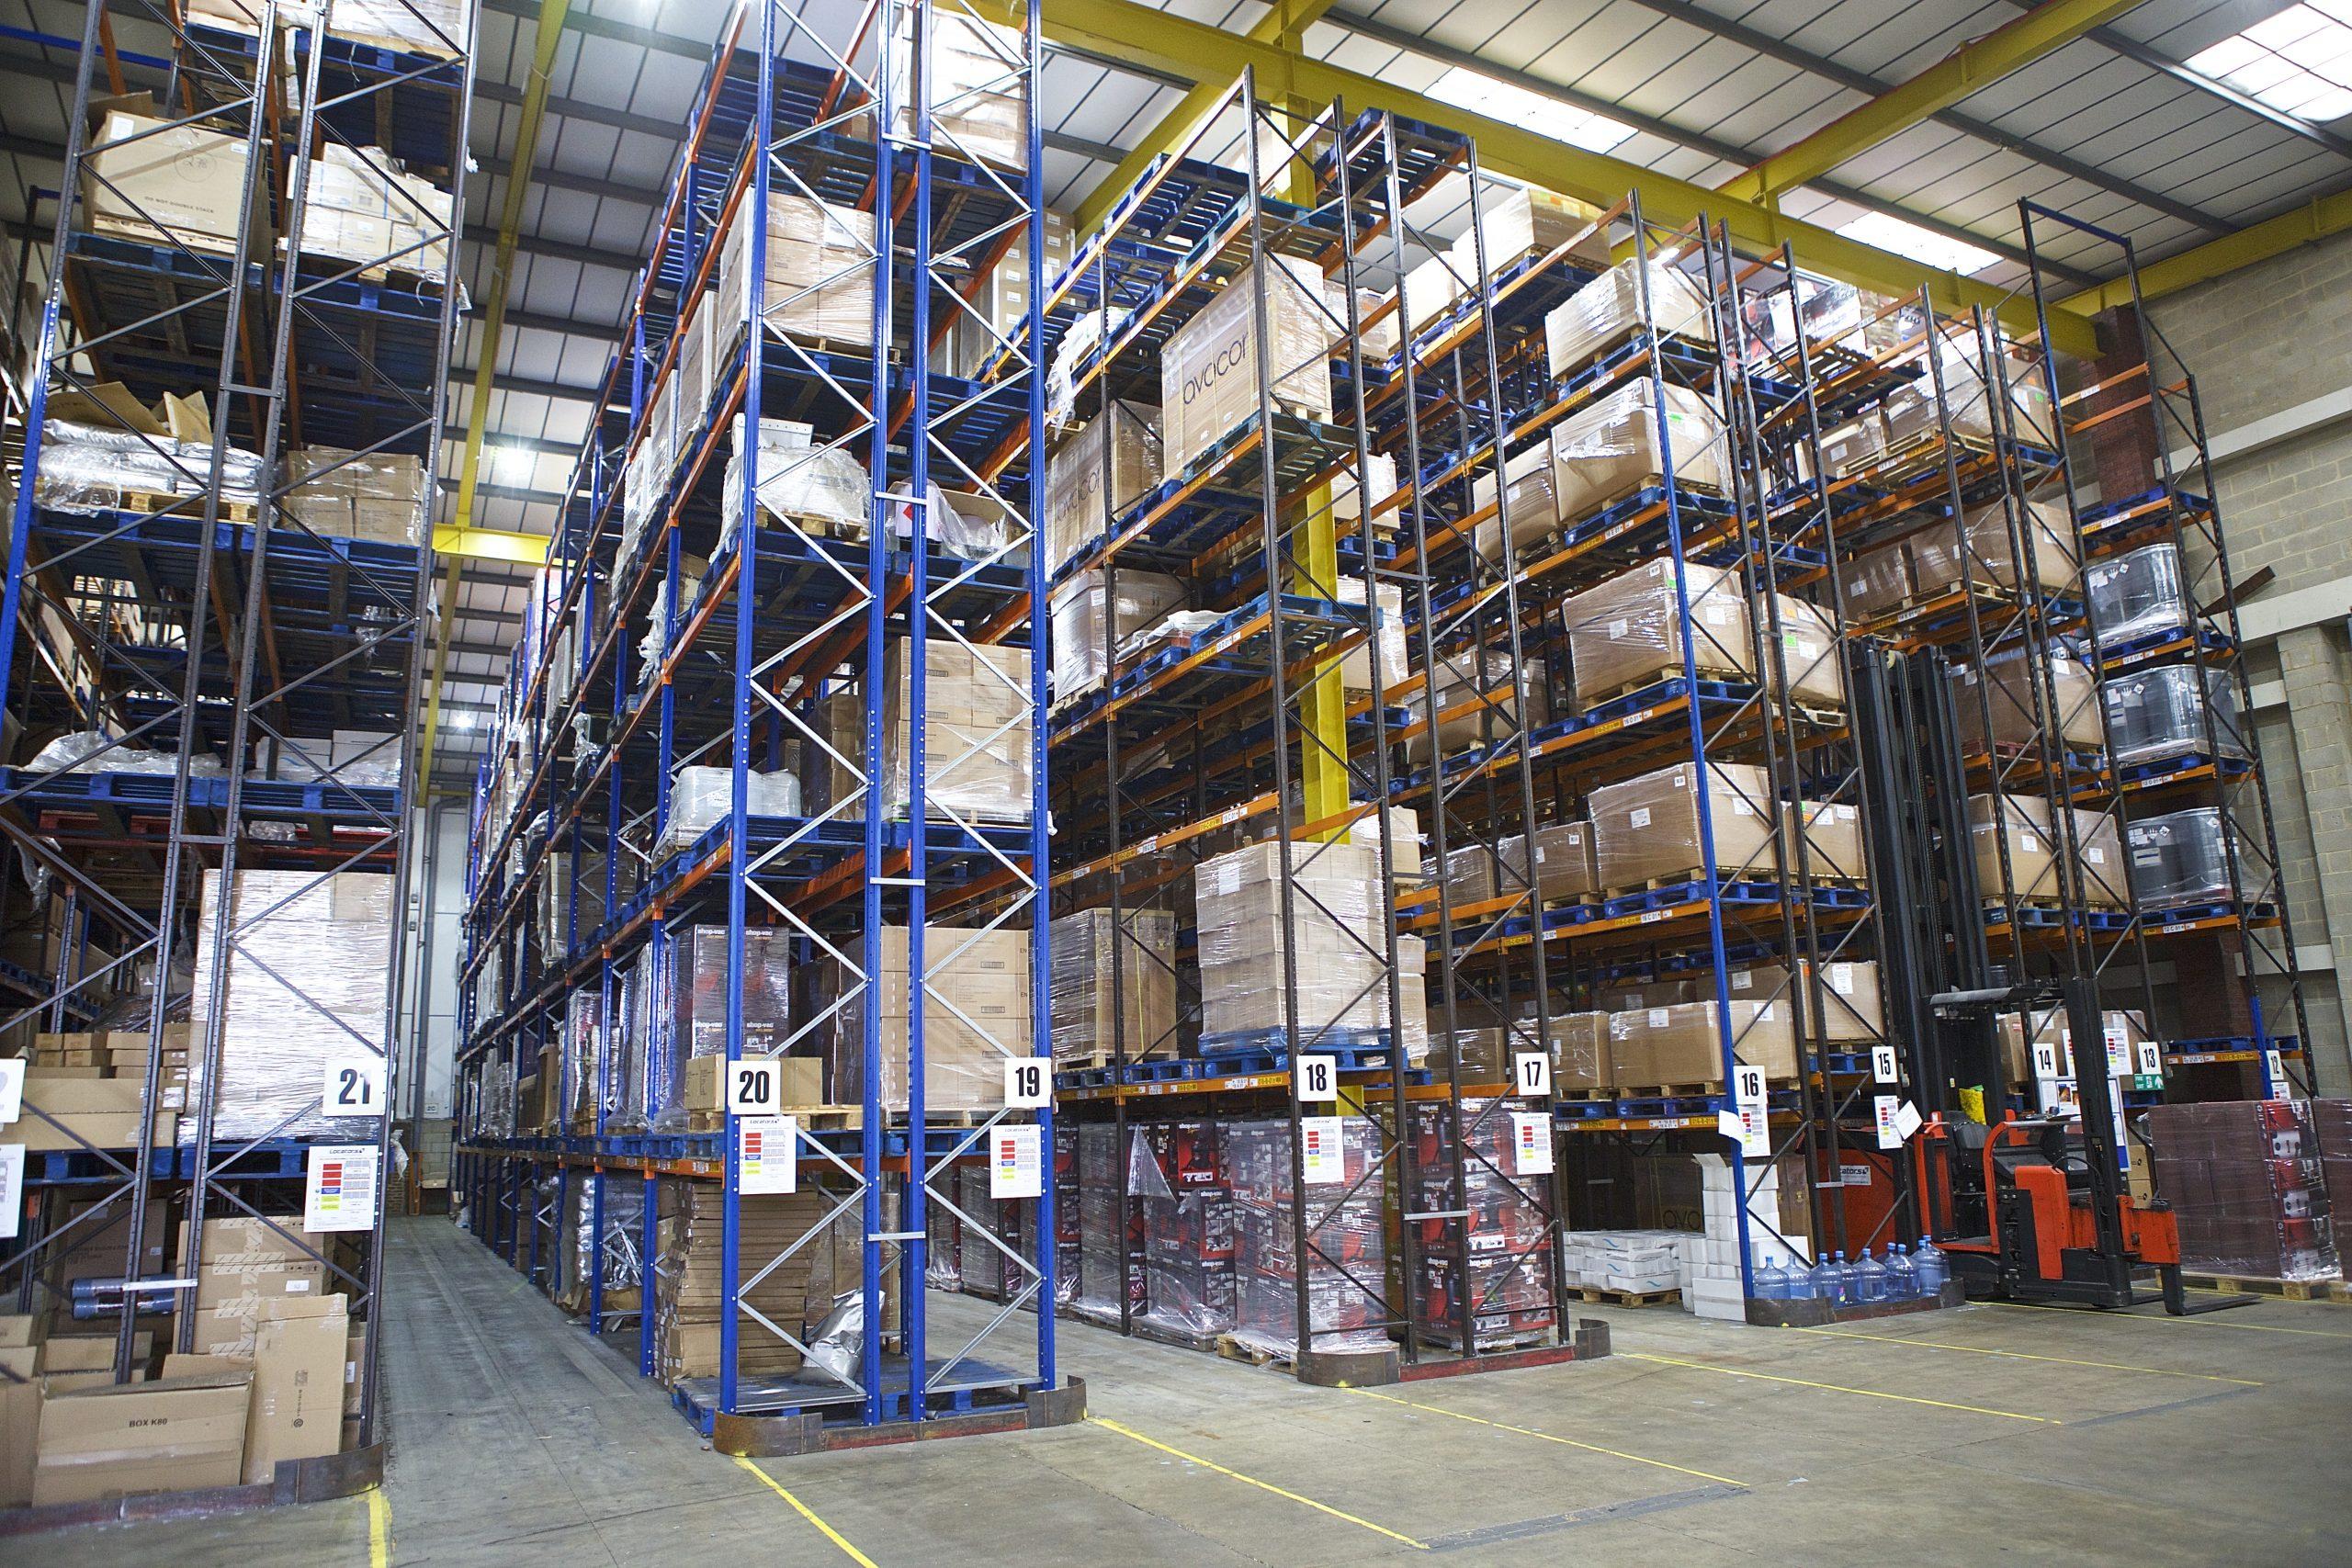 Uk Warehousing and